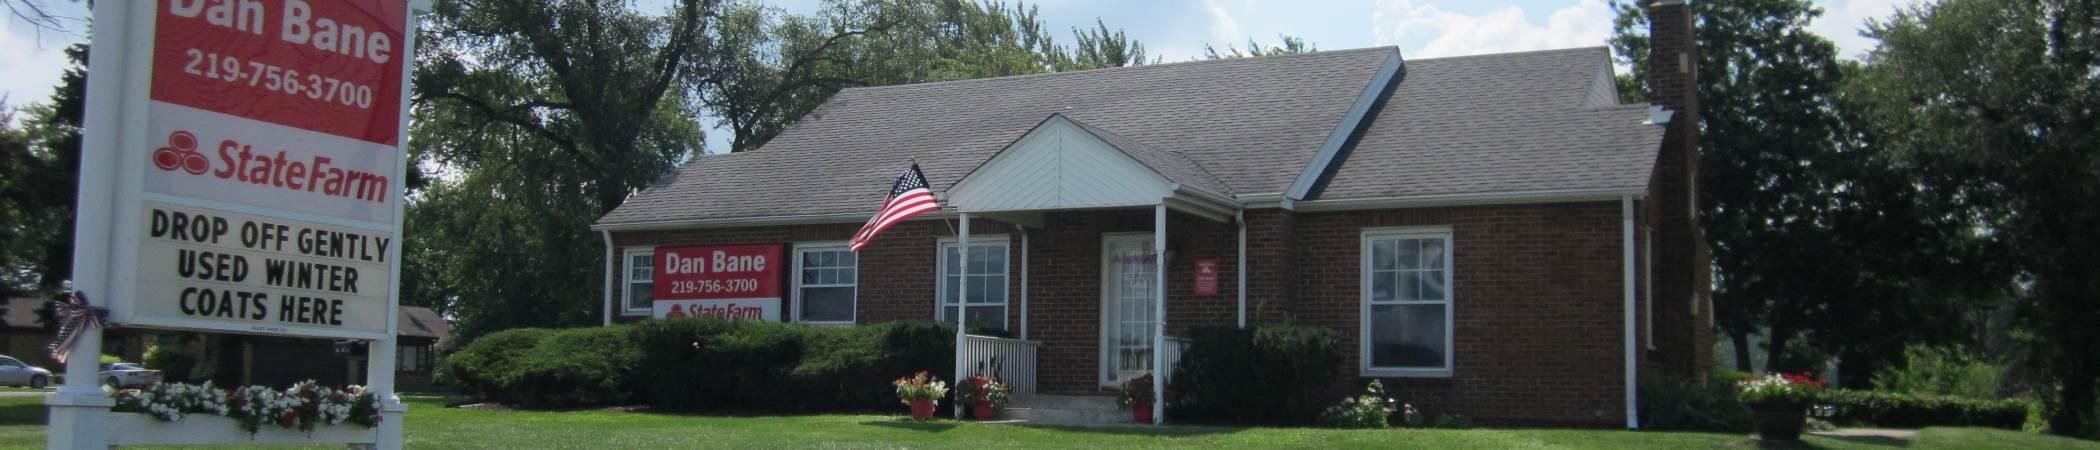 Dan Bane State Farm Insurance in Merrillville, IN | Home, Auto Insurance & more